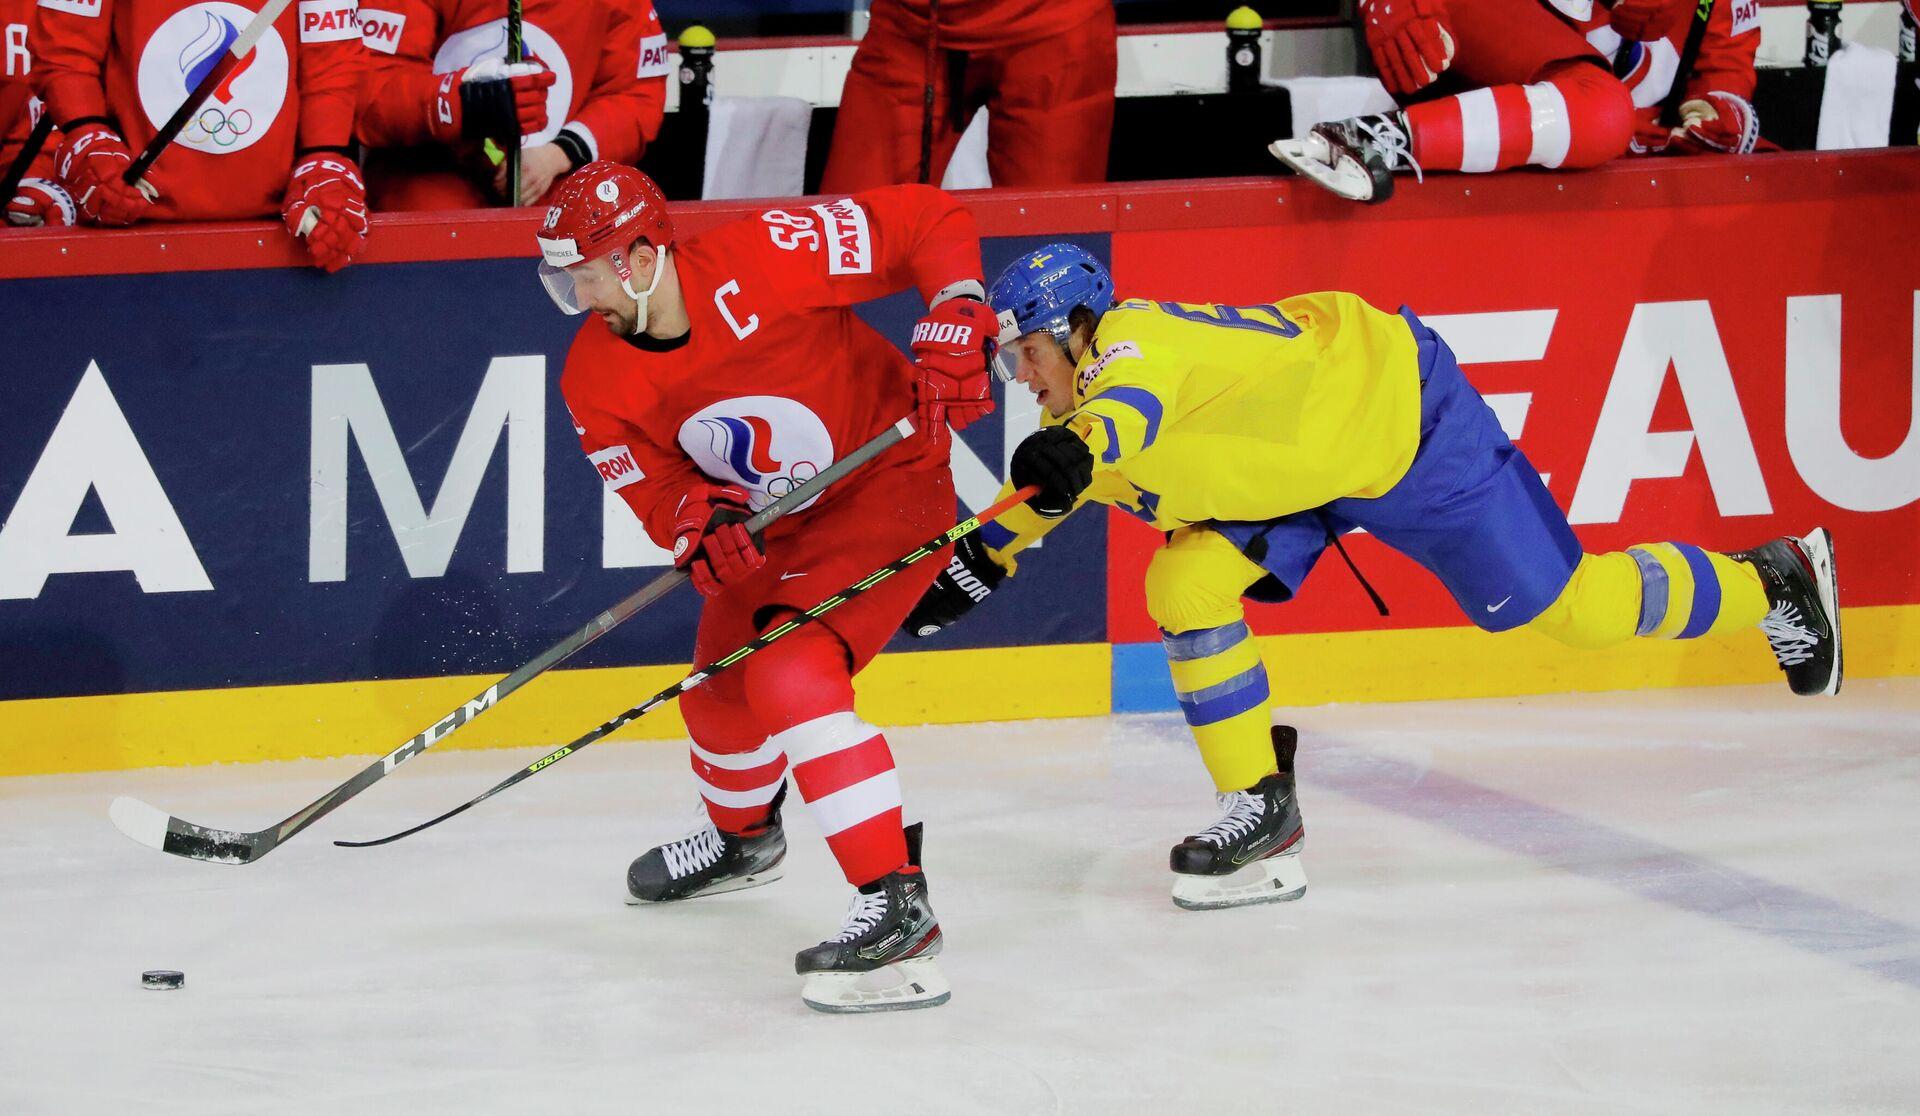 Хоккеисты Антон Слепышев и Рикард Раккель - РИА Новости, 1920, 02.06.2021